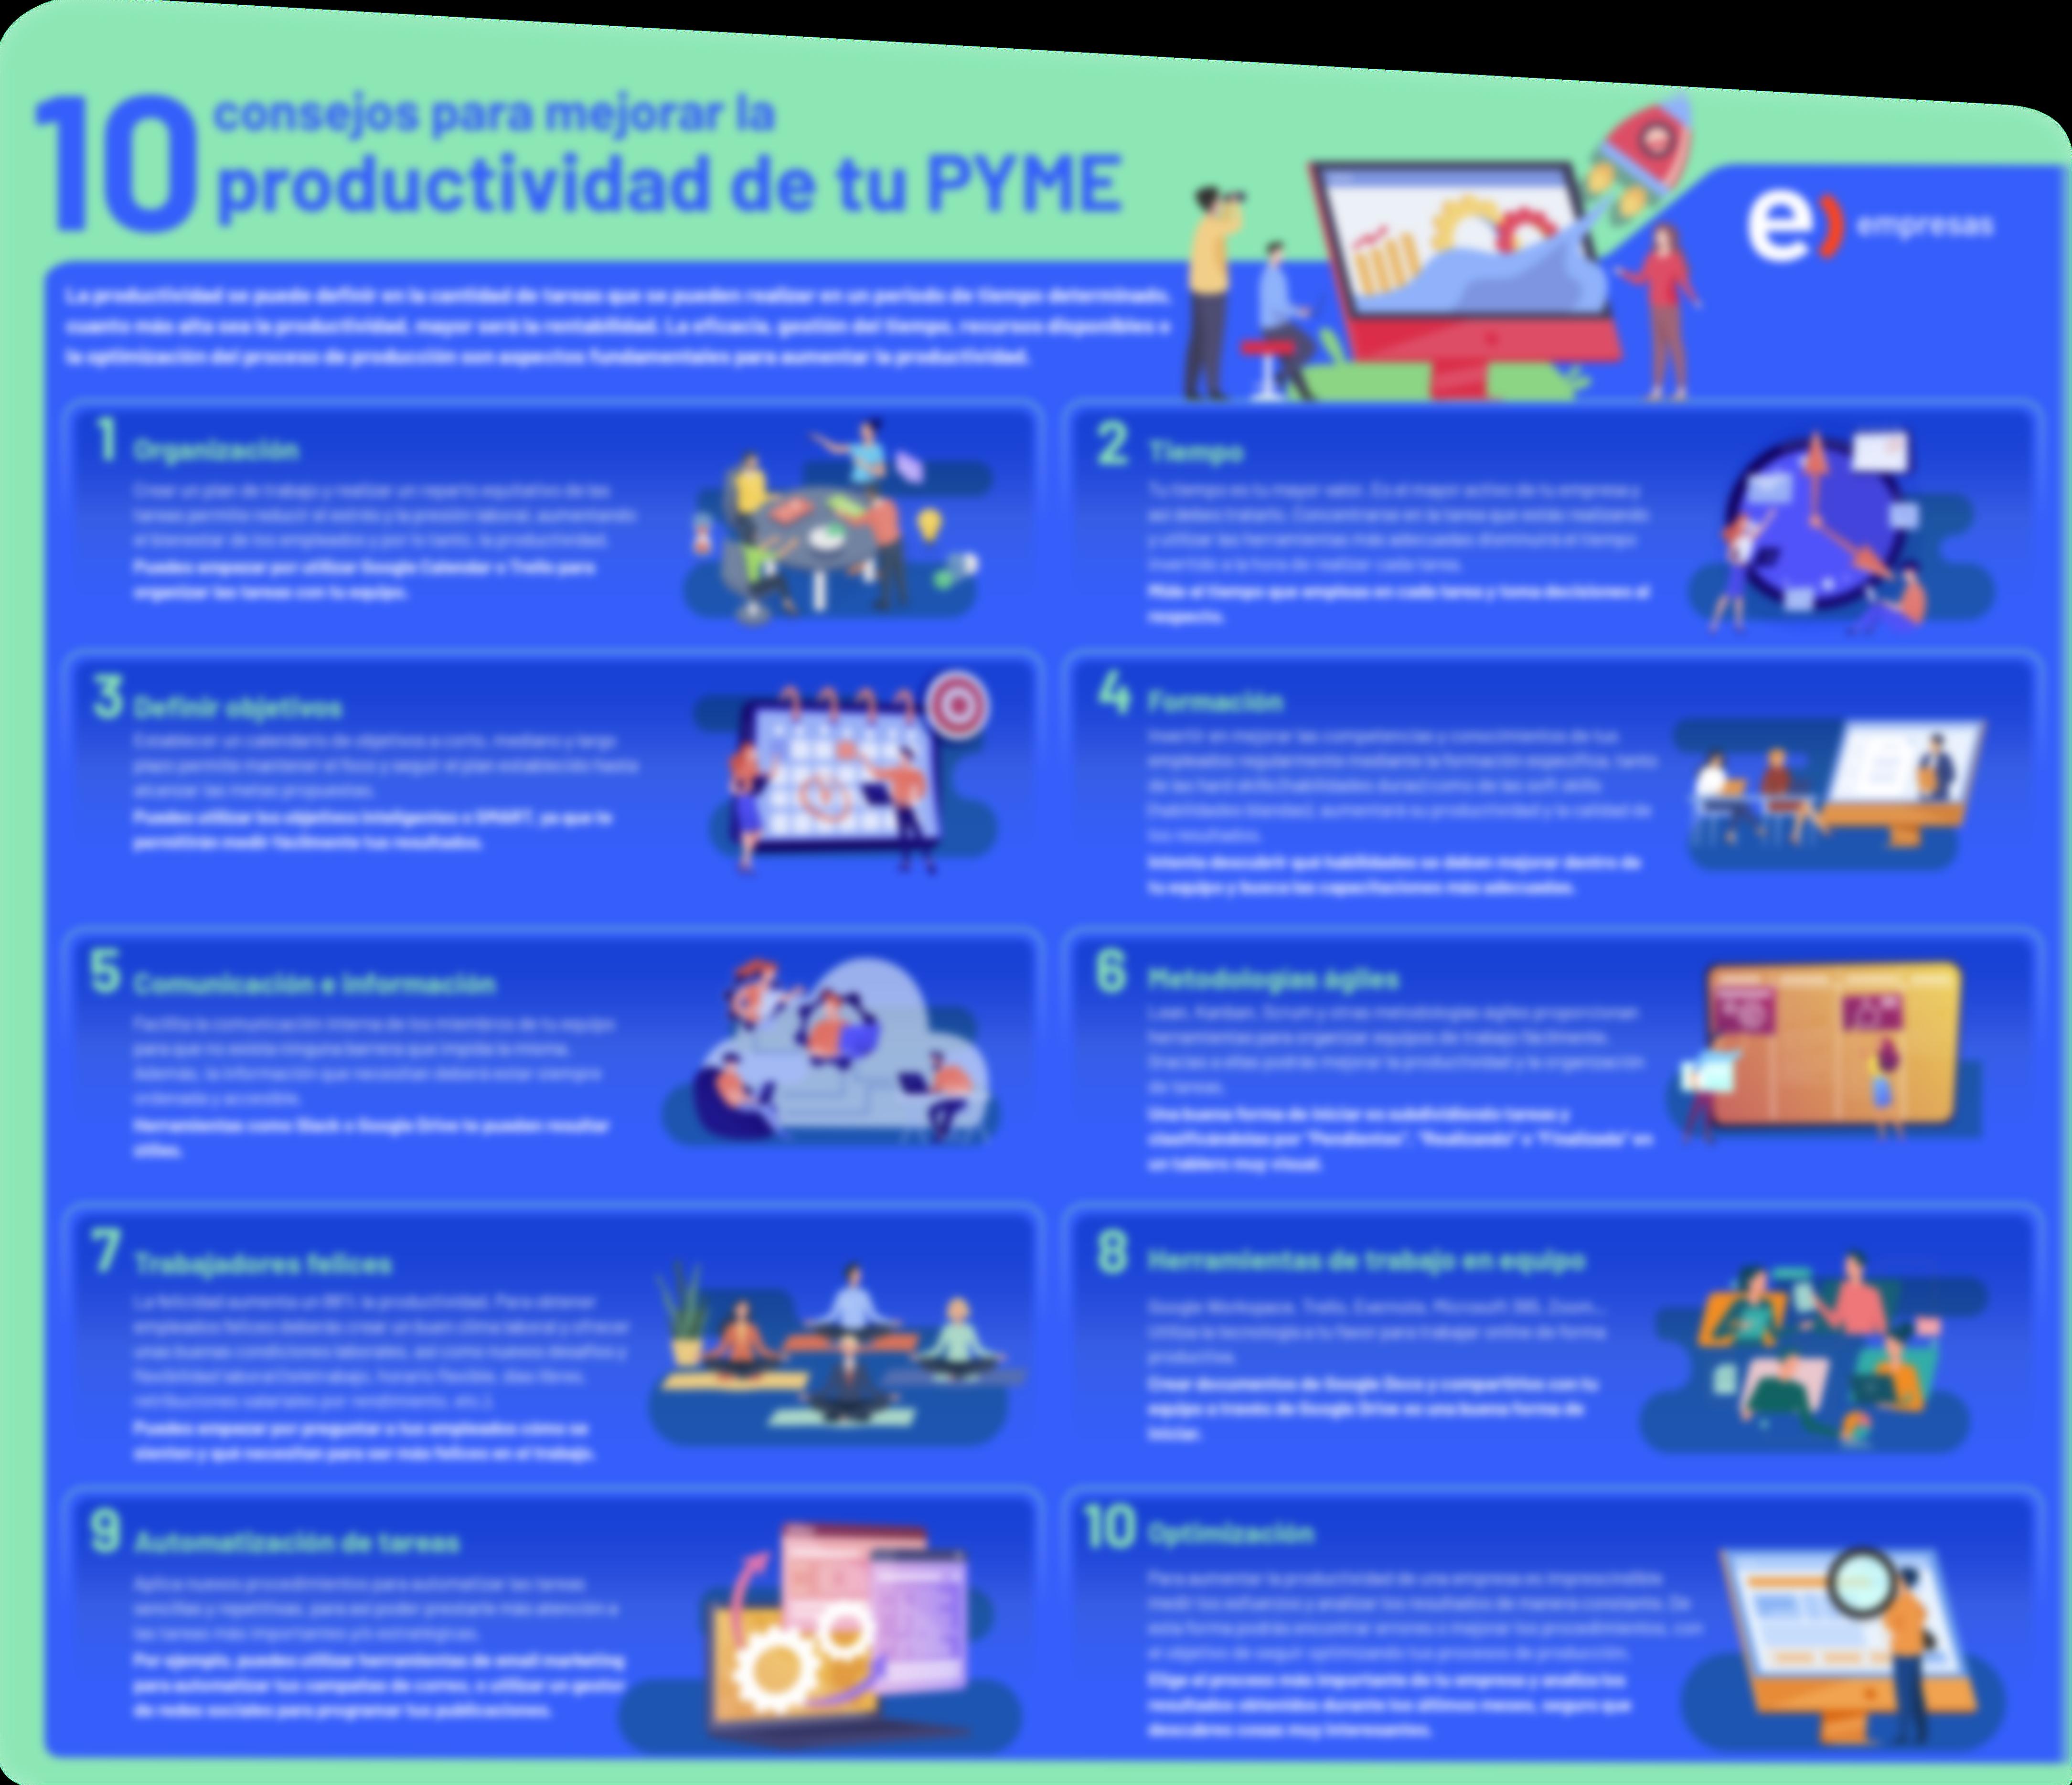 INFO PRODUCTIVIDAD EN LA PYME 2-1